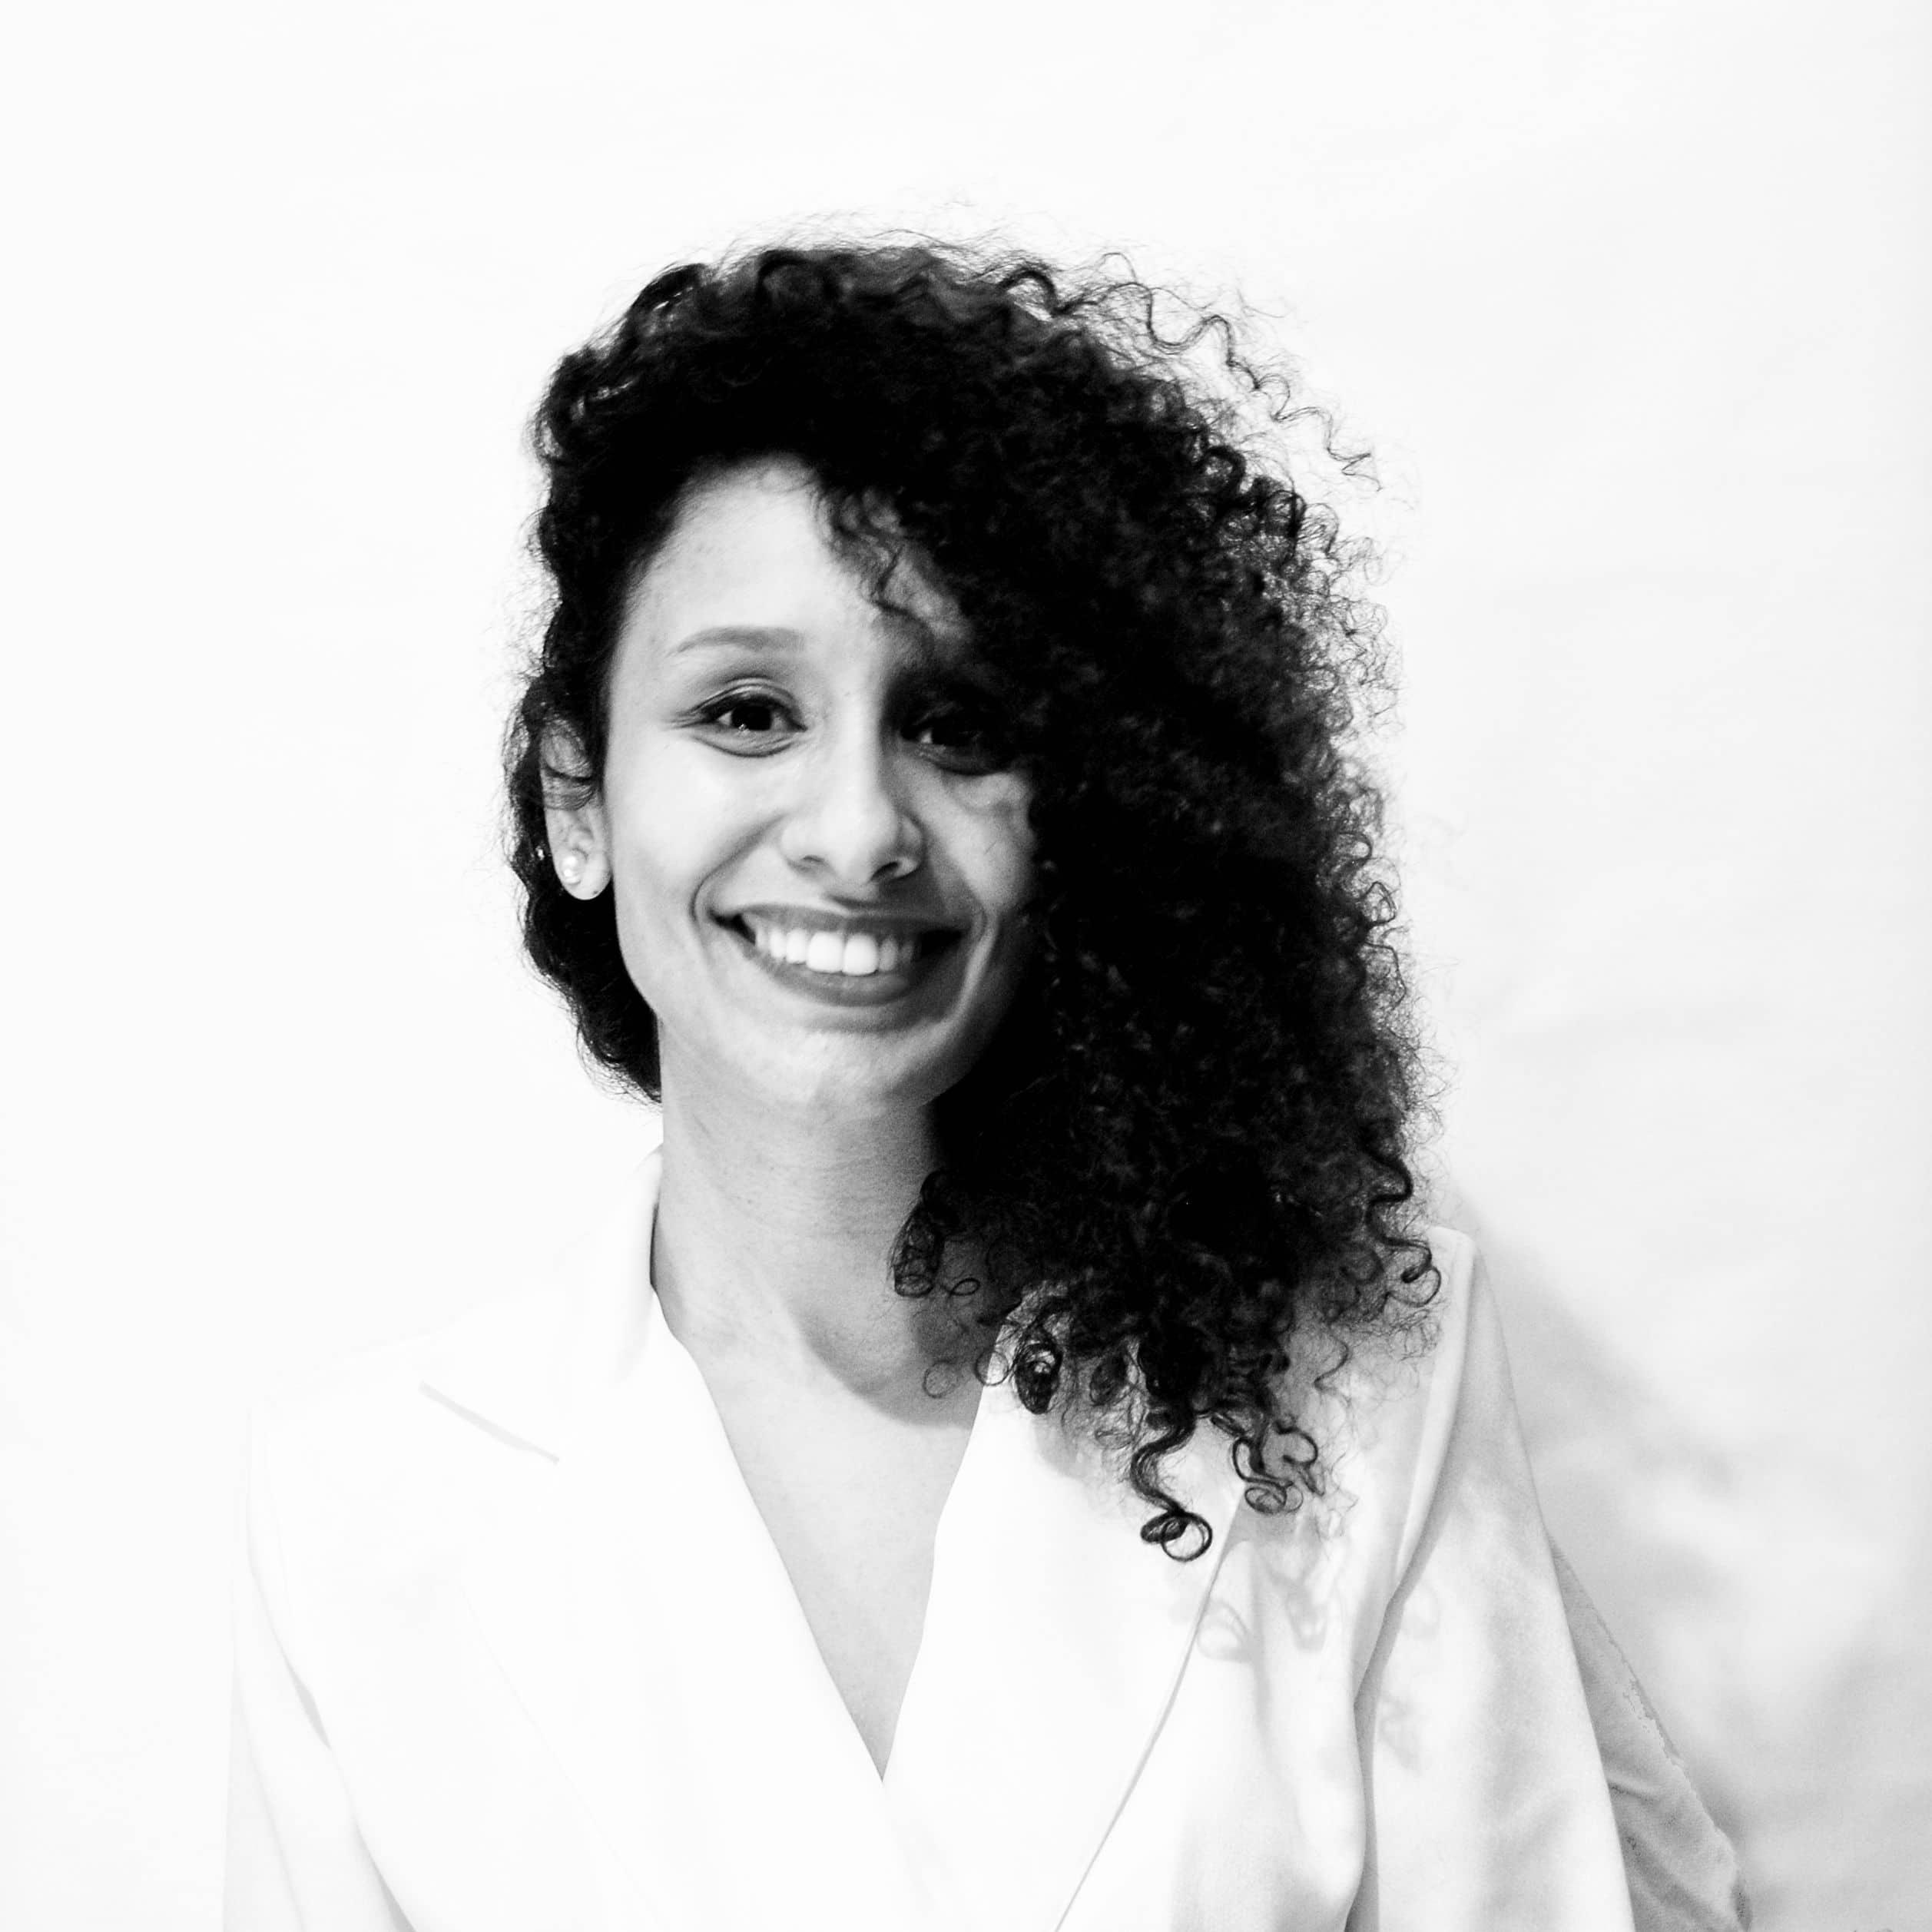 Sarah Addouh